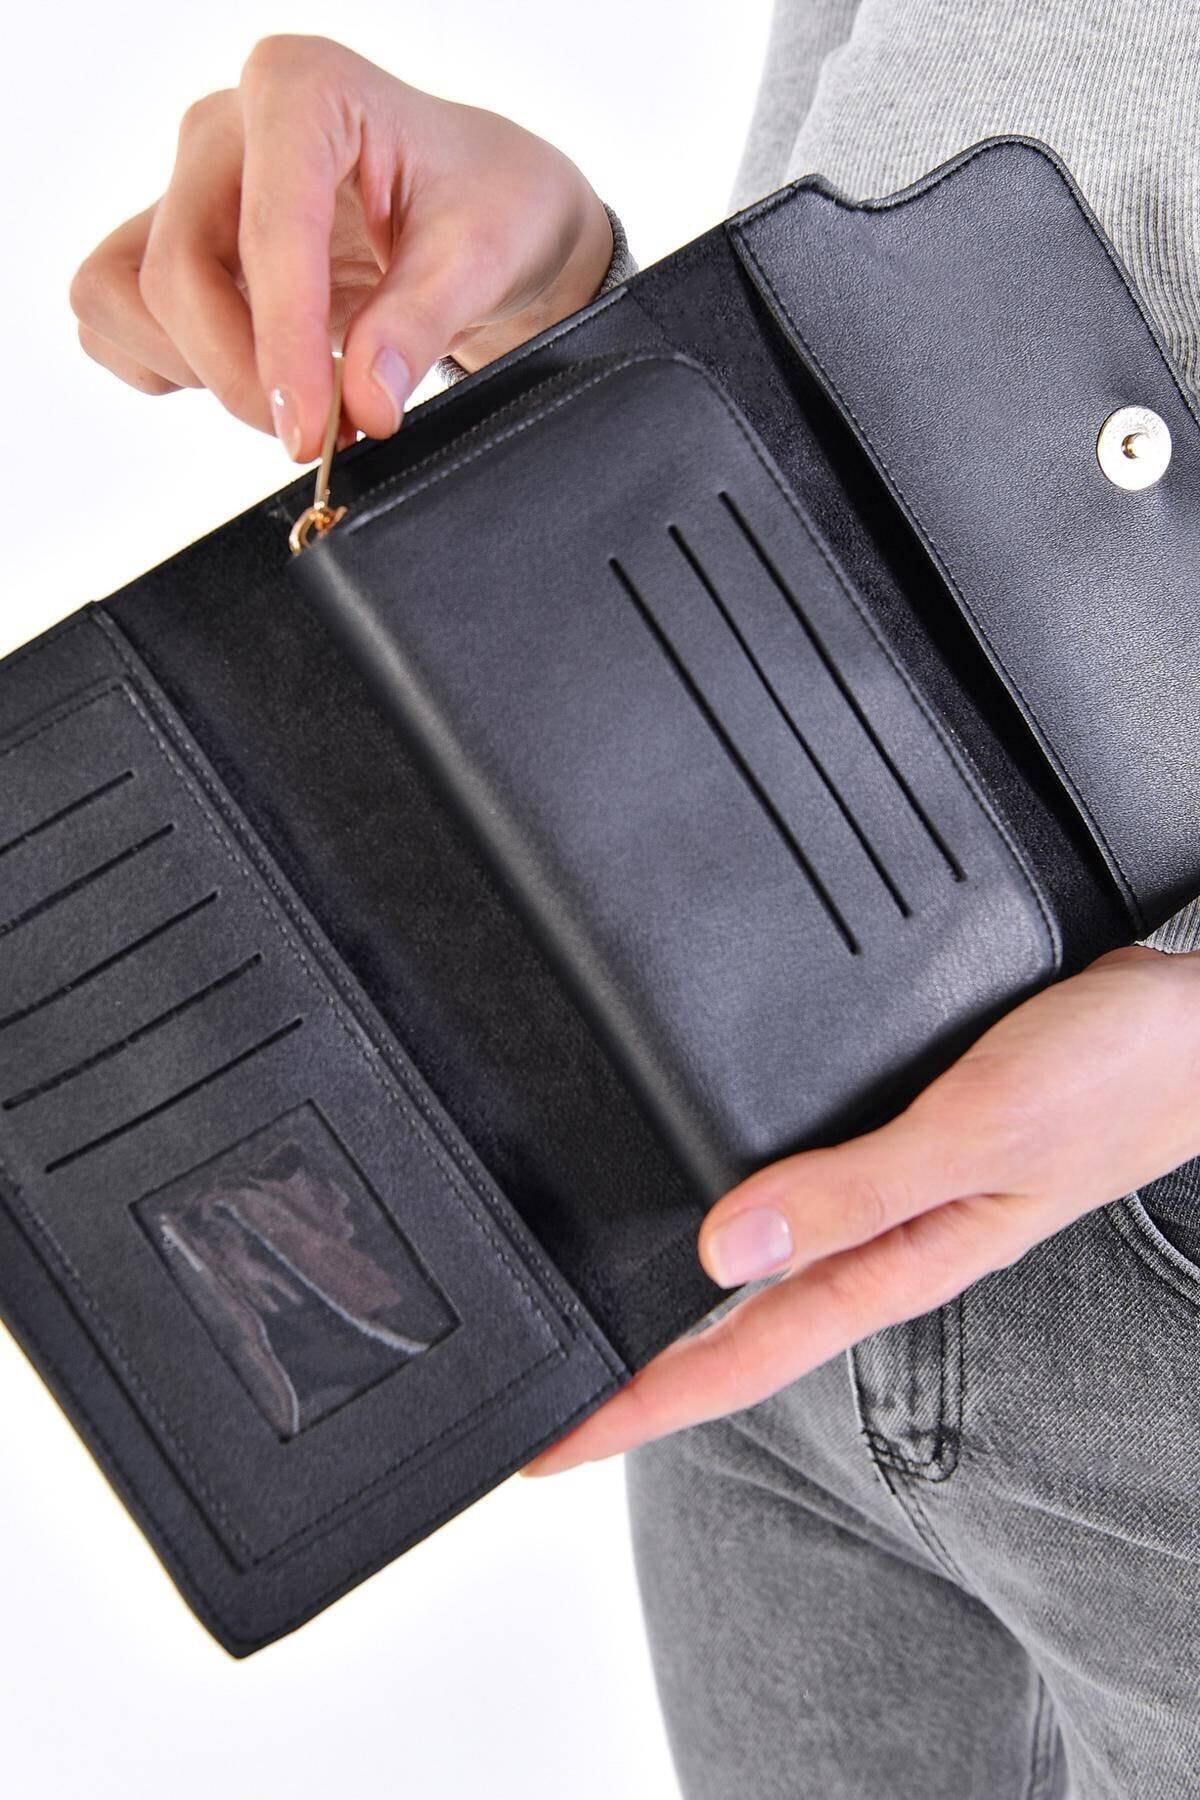 Addax Kadın Siyah Cüzdan Czdn55 - F6 Adx-0000019896 1